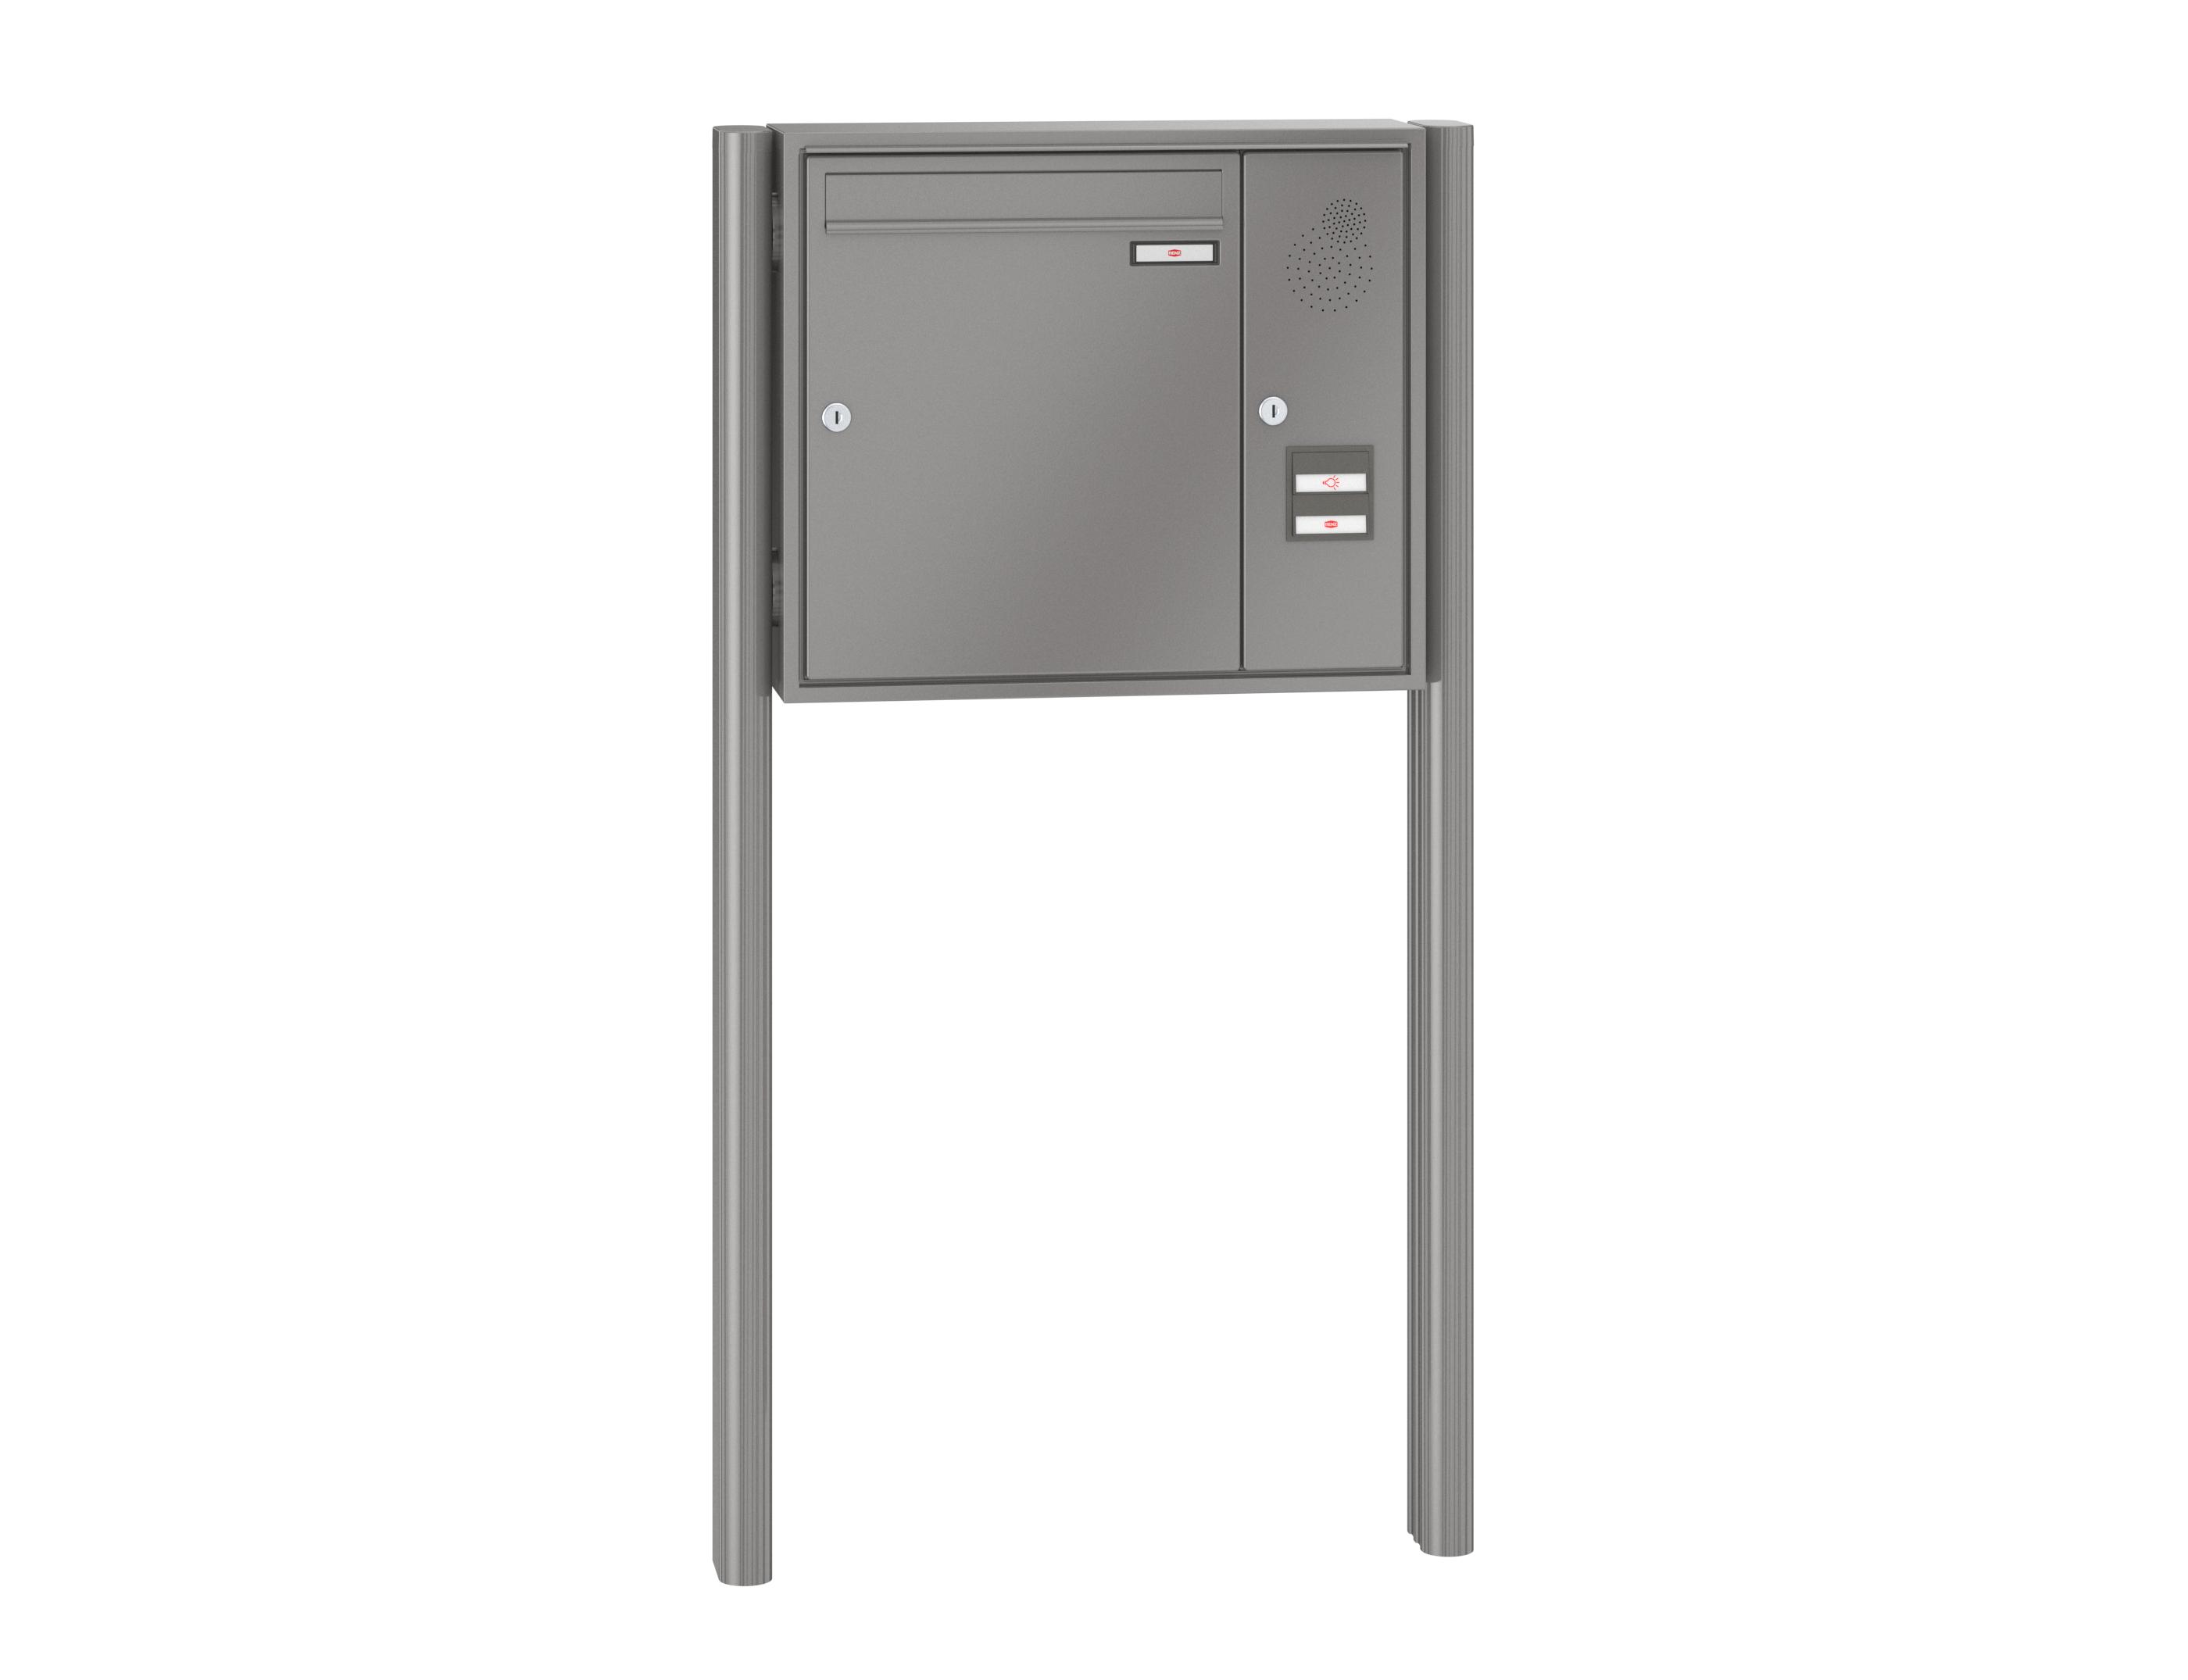 RENZ Briefkastenanlage freistehend, Quadra, Kastenformat 370x440x145mm, mit  Klingel - & Lichttaster und Vorbereitung Gegensprechanlage, 1-teilig, zum  ...